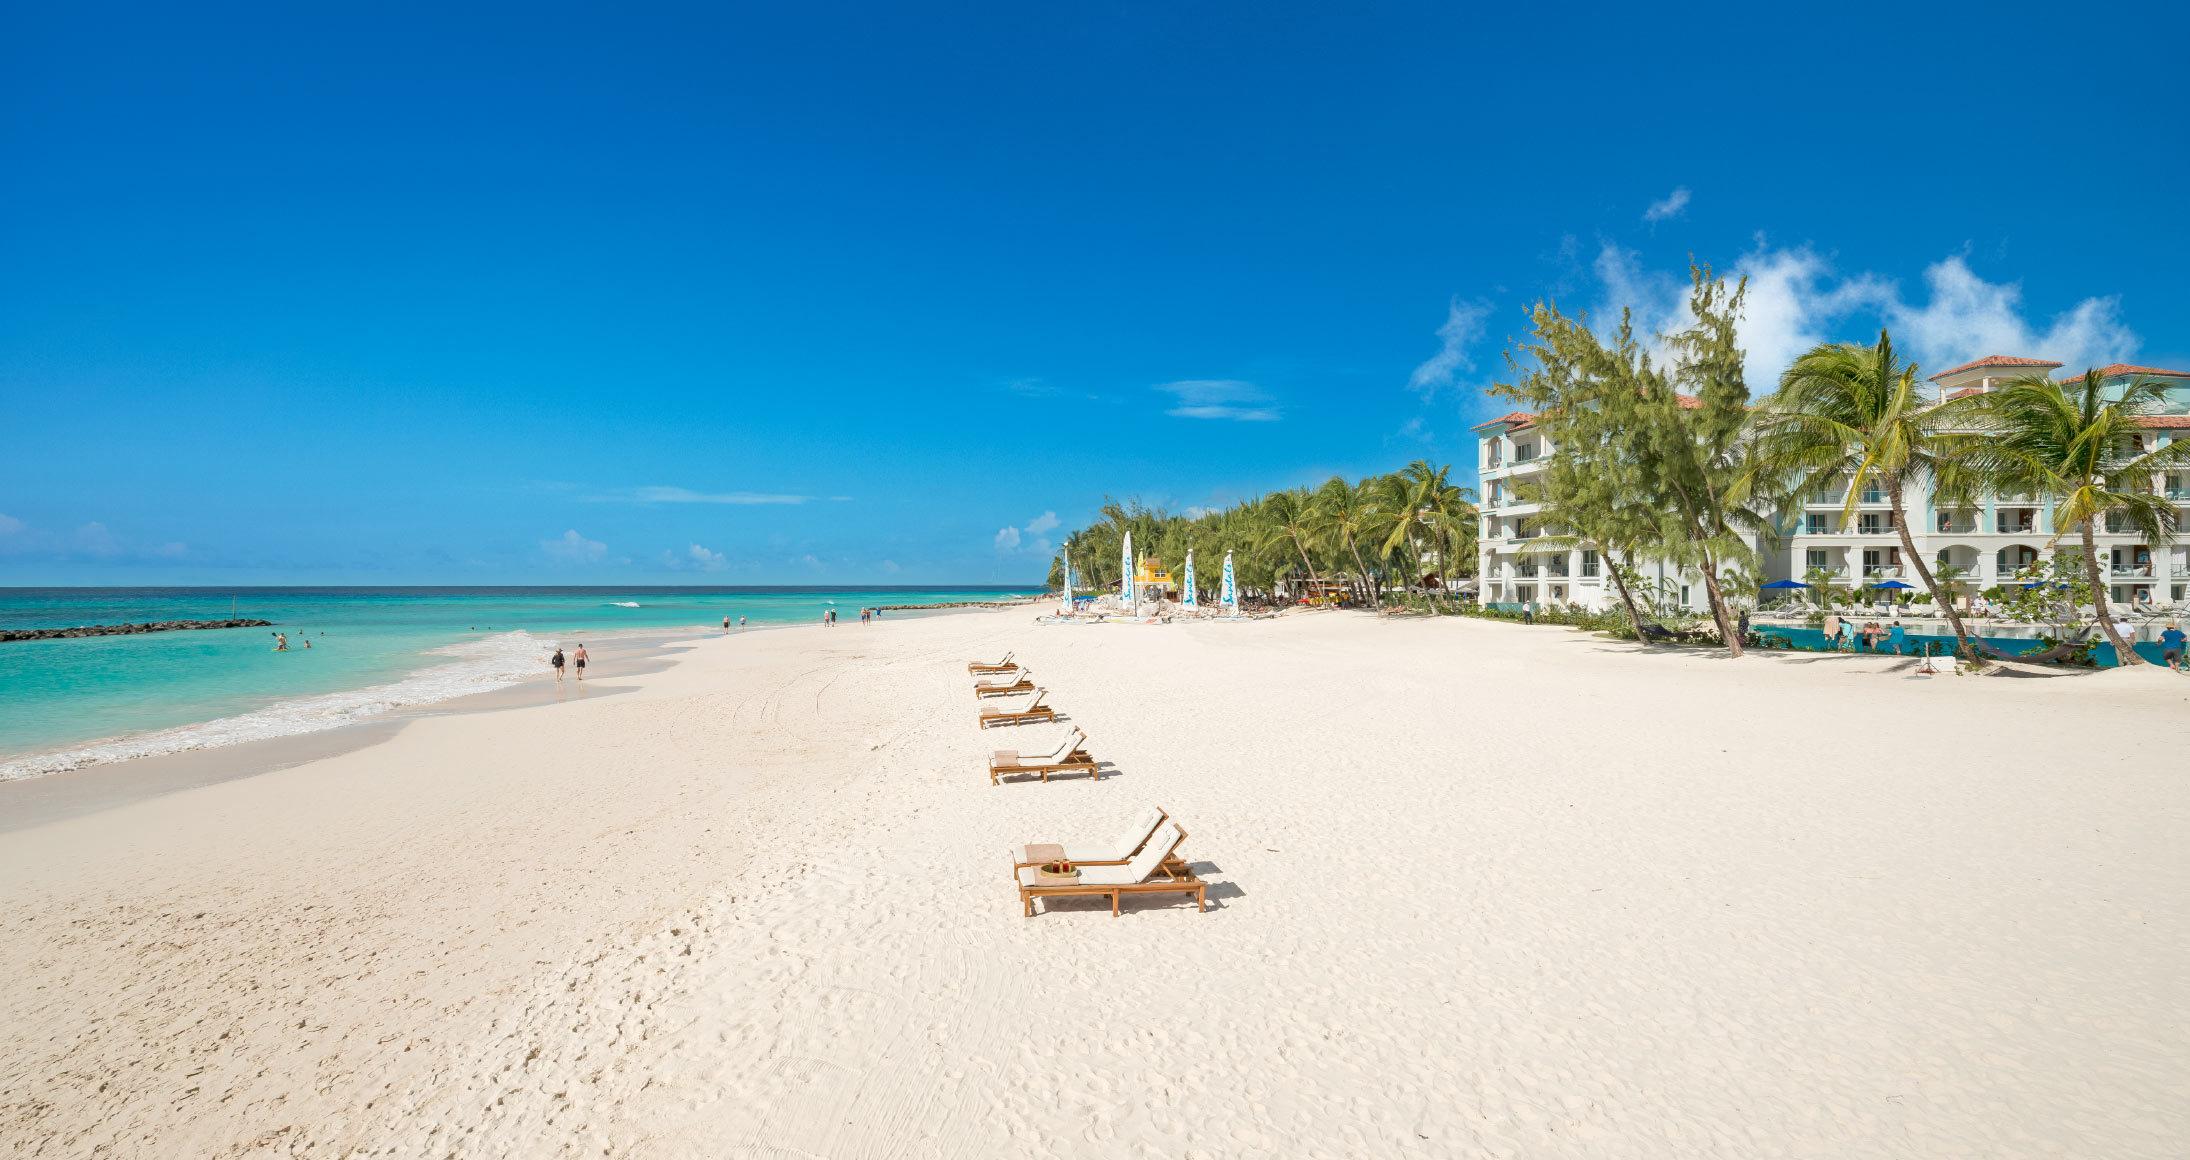 populära butiker erkända varumärken enormt lager SANDALS Royal Barbados - Luxury Resort in St. Lawrence Gap